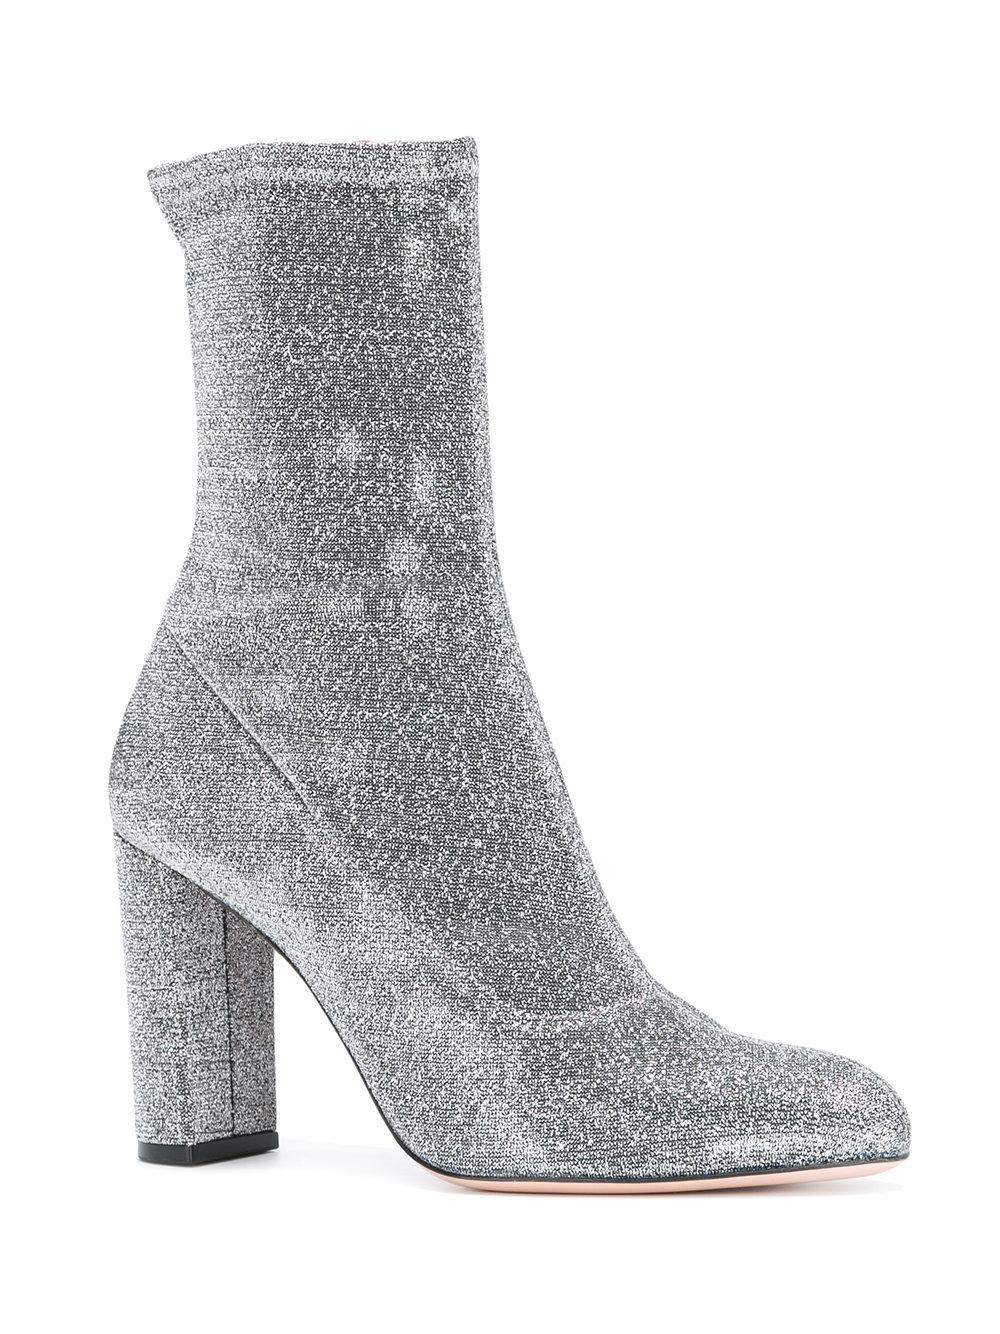 Lyst Oscar Tiye Lurex Boots In Metallic